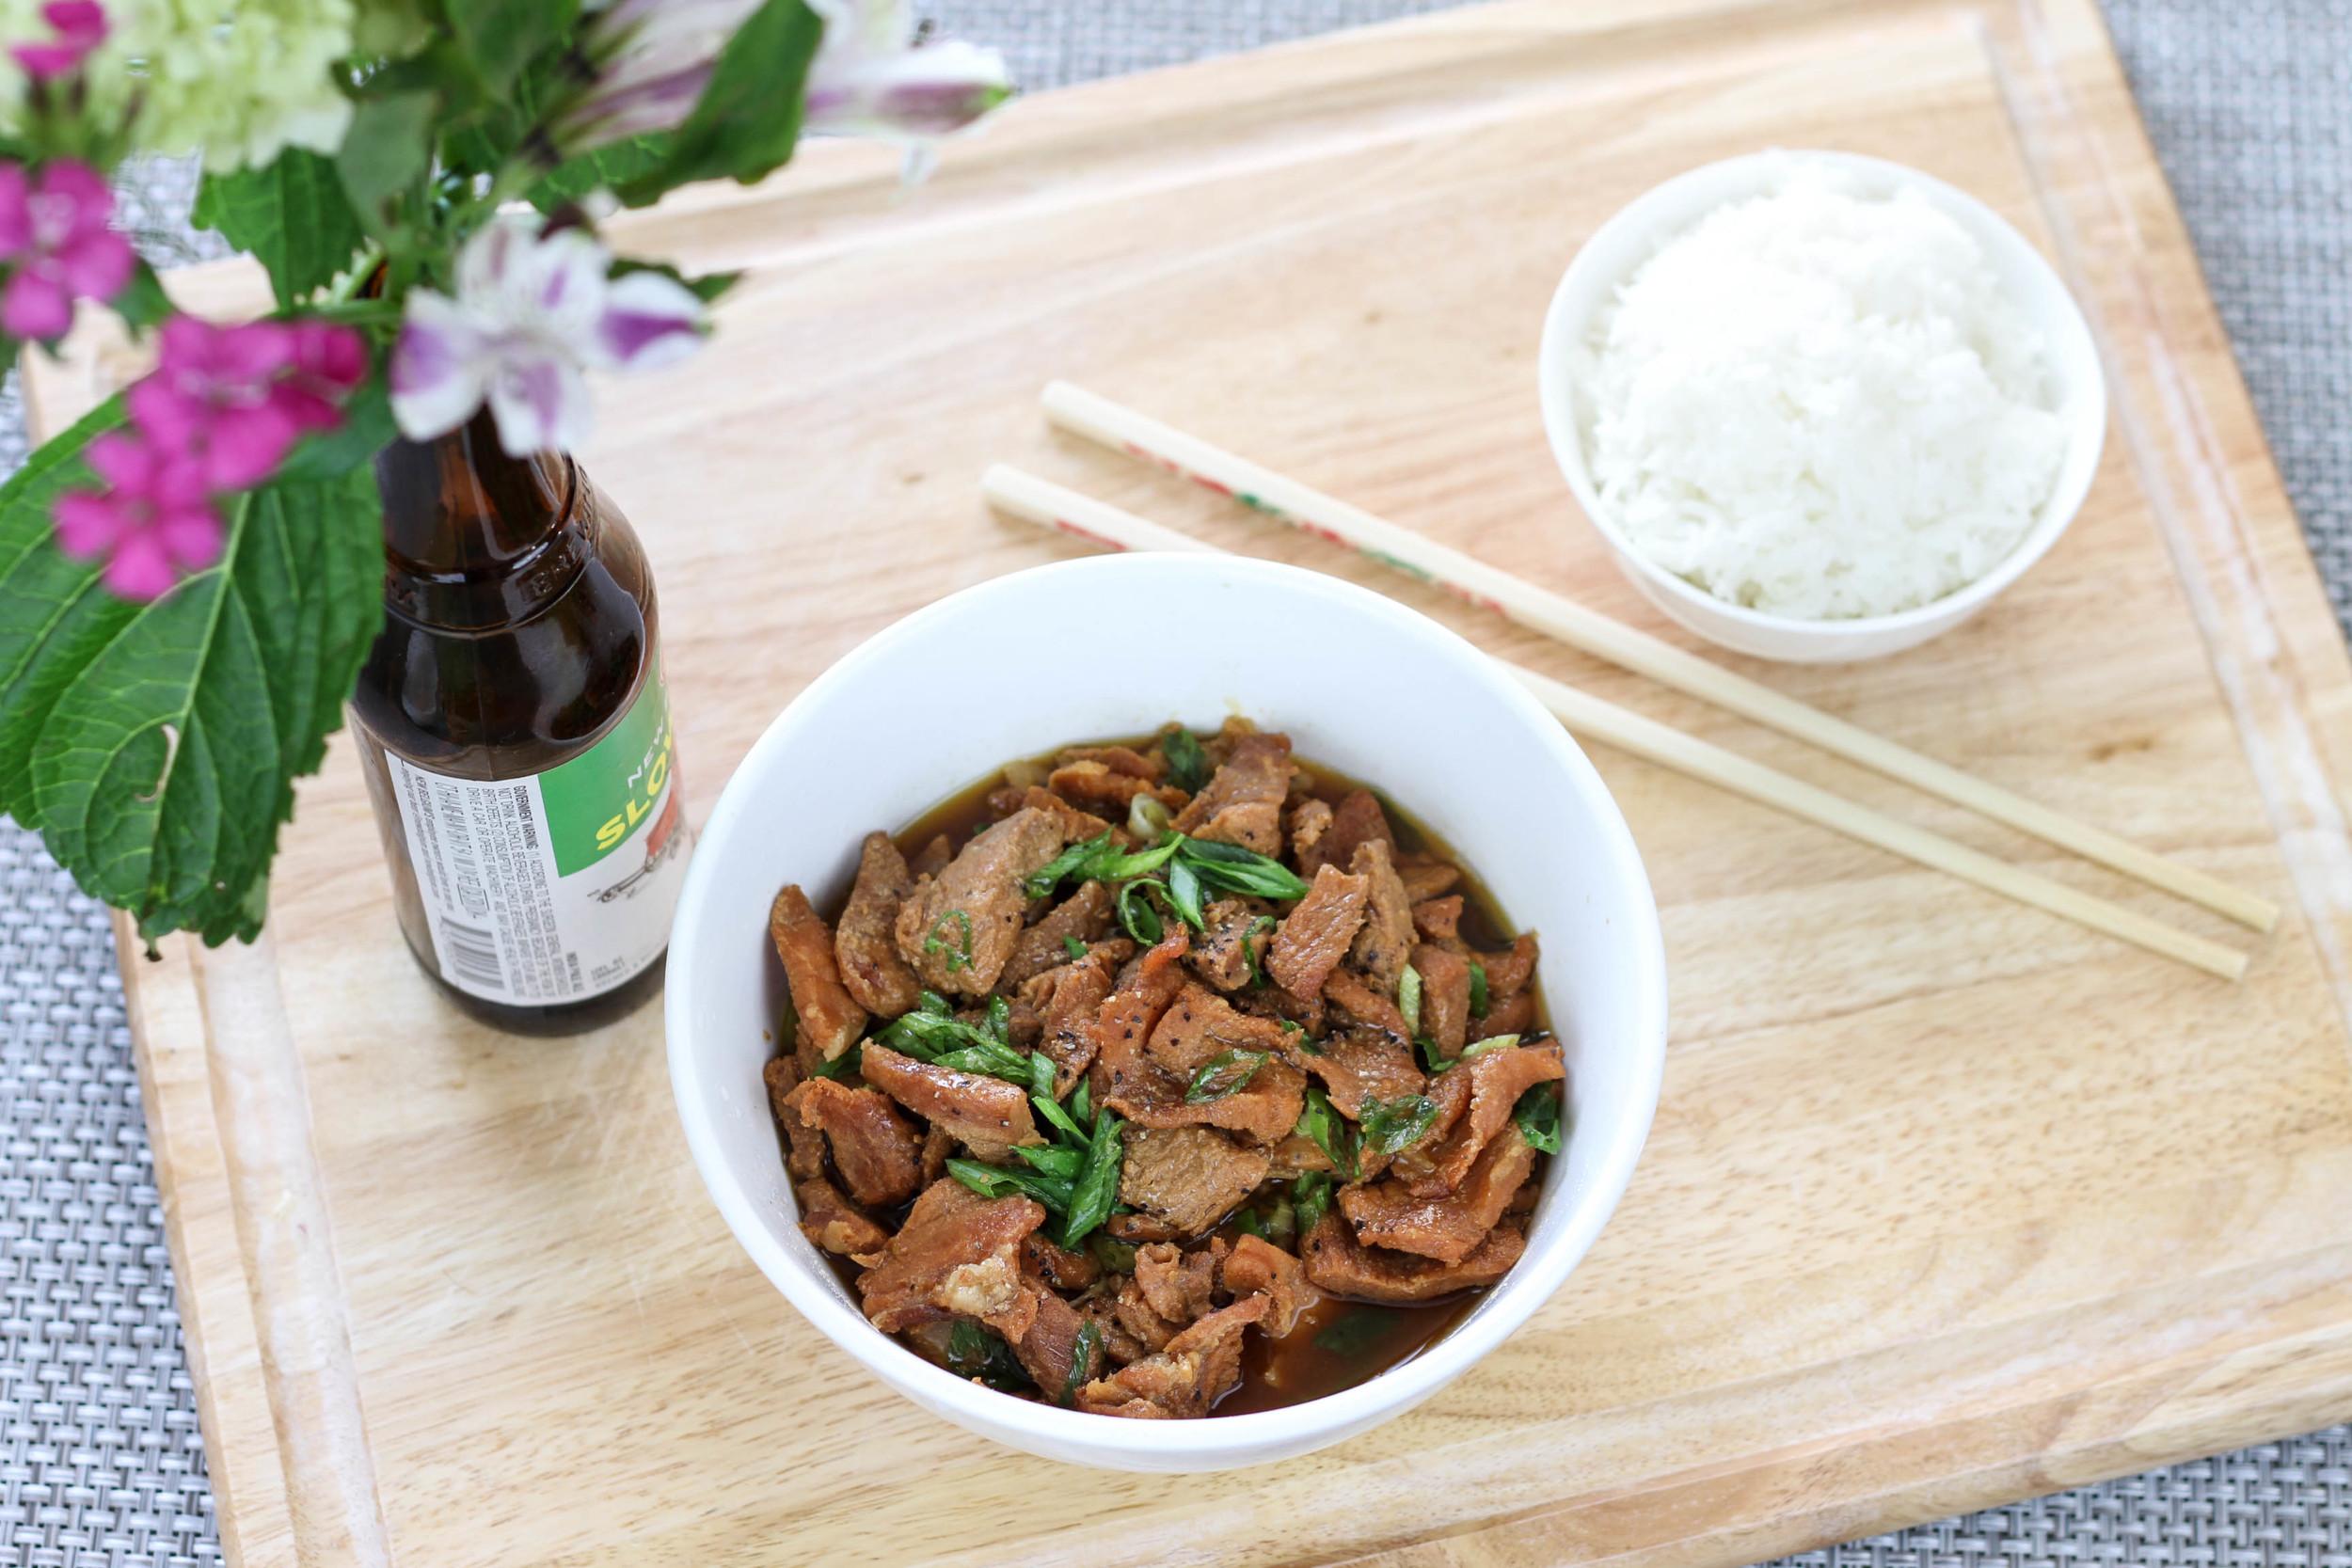 Vietnamese Caramelized Braised Pork (Thit Kho To)